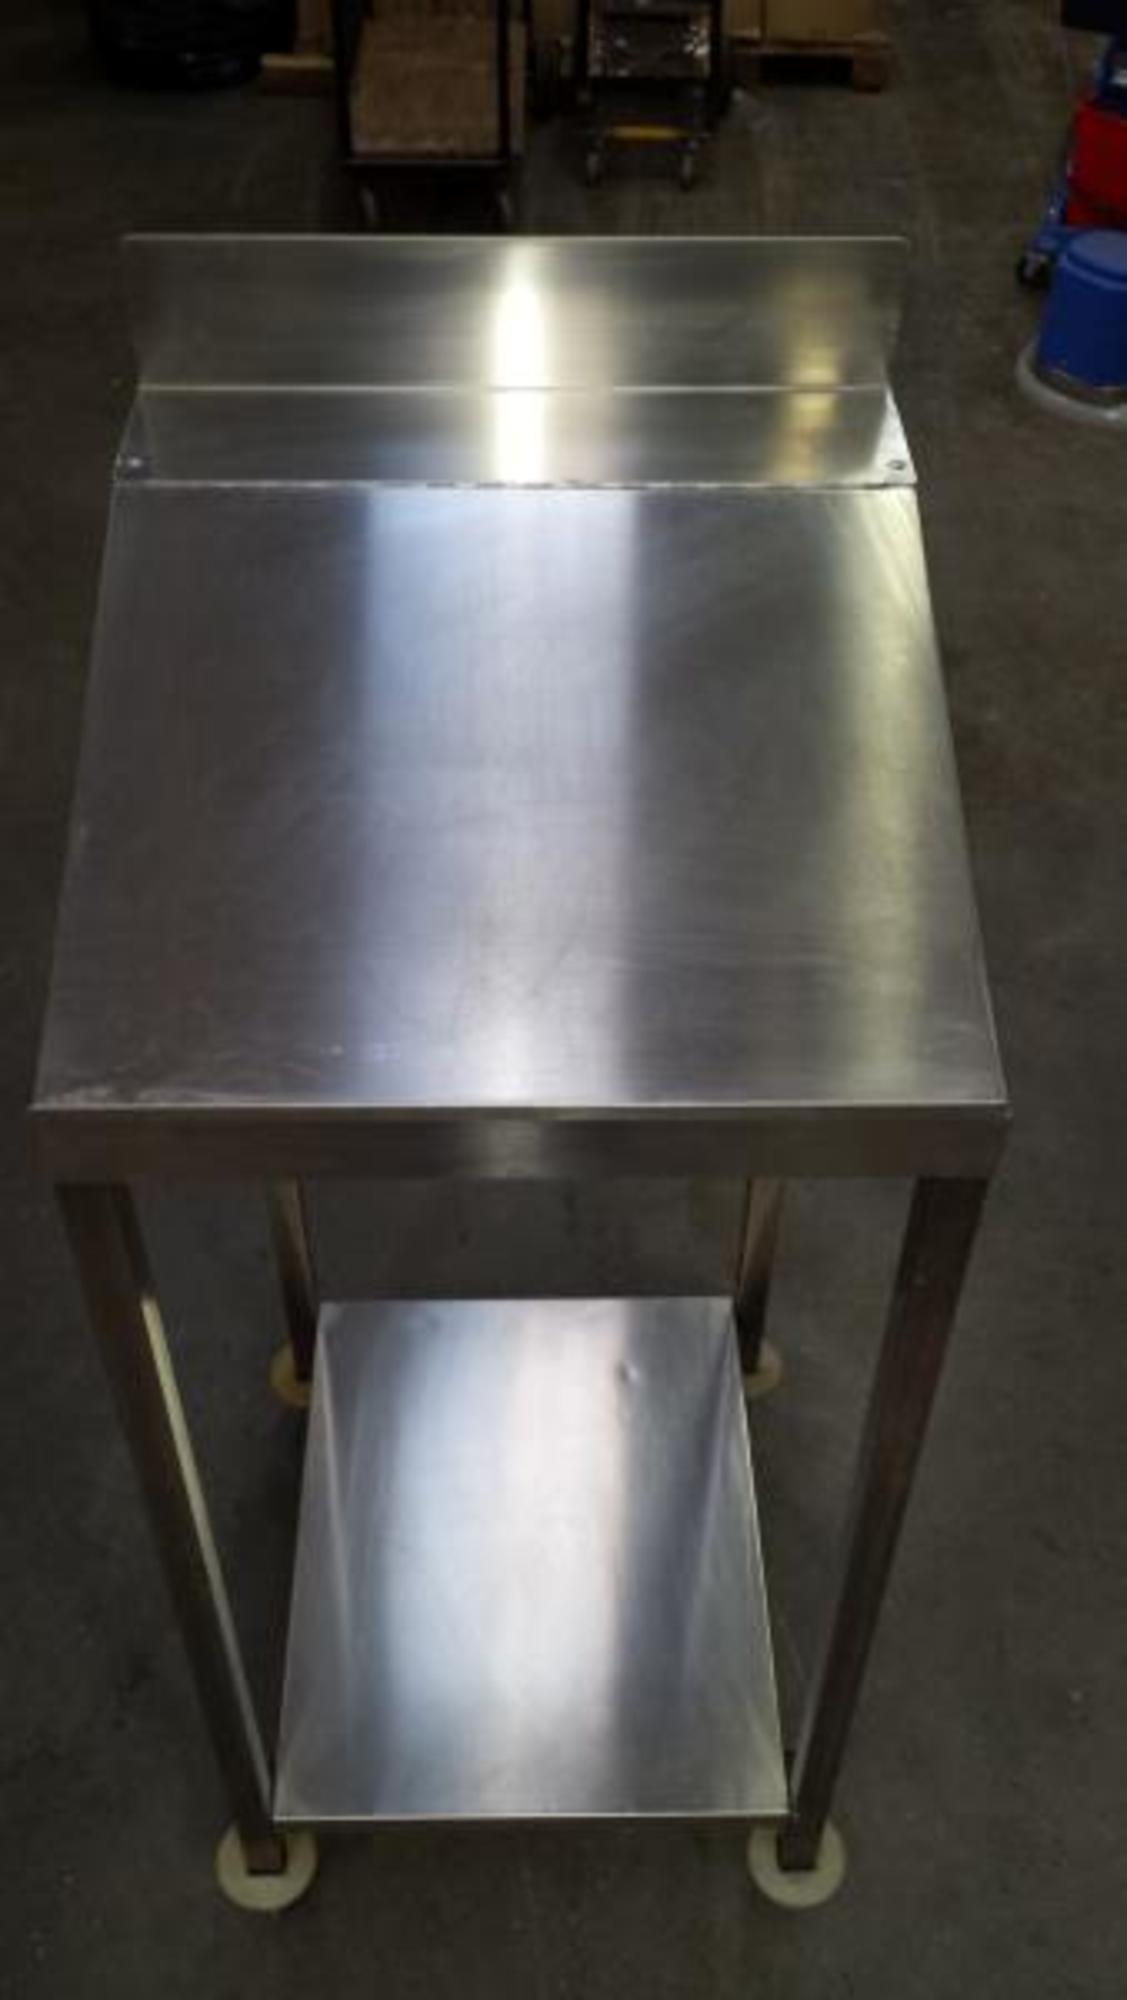 Pupitre inox a roulettes equipement de cuisine d for Equipement cuisine inox